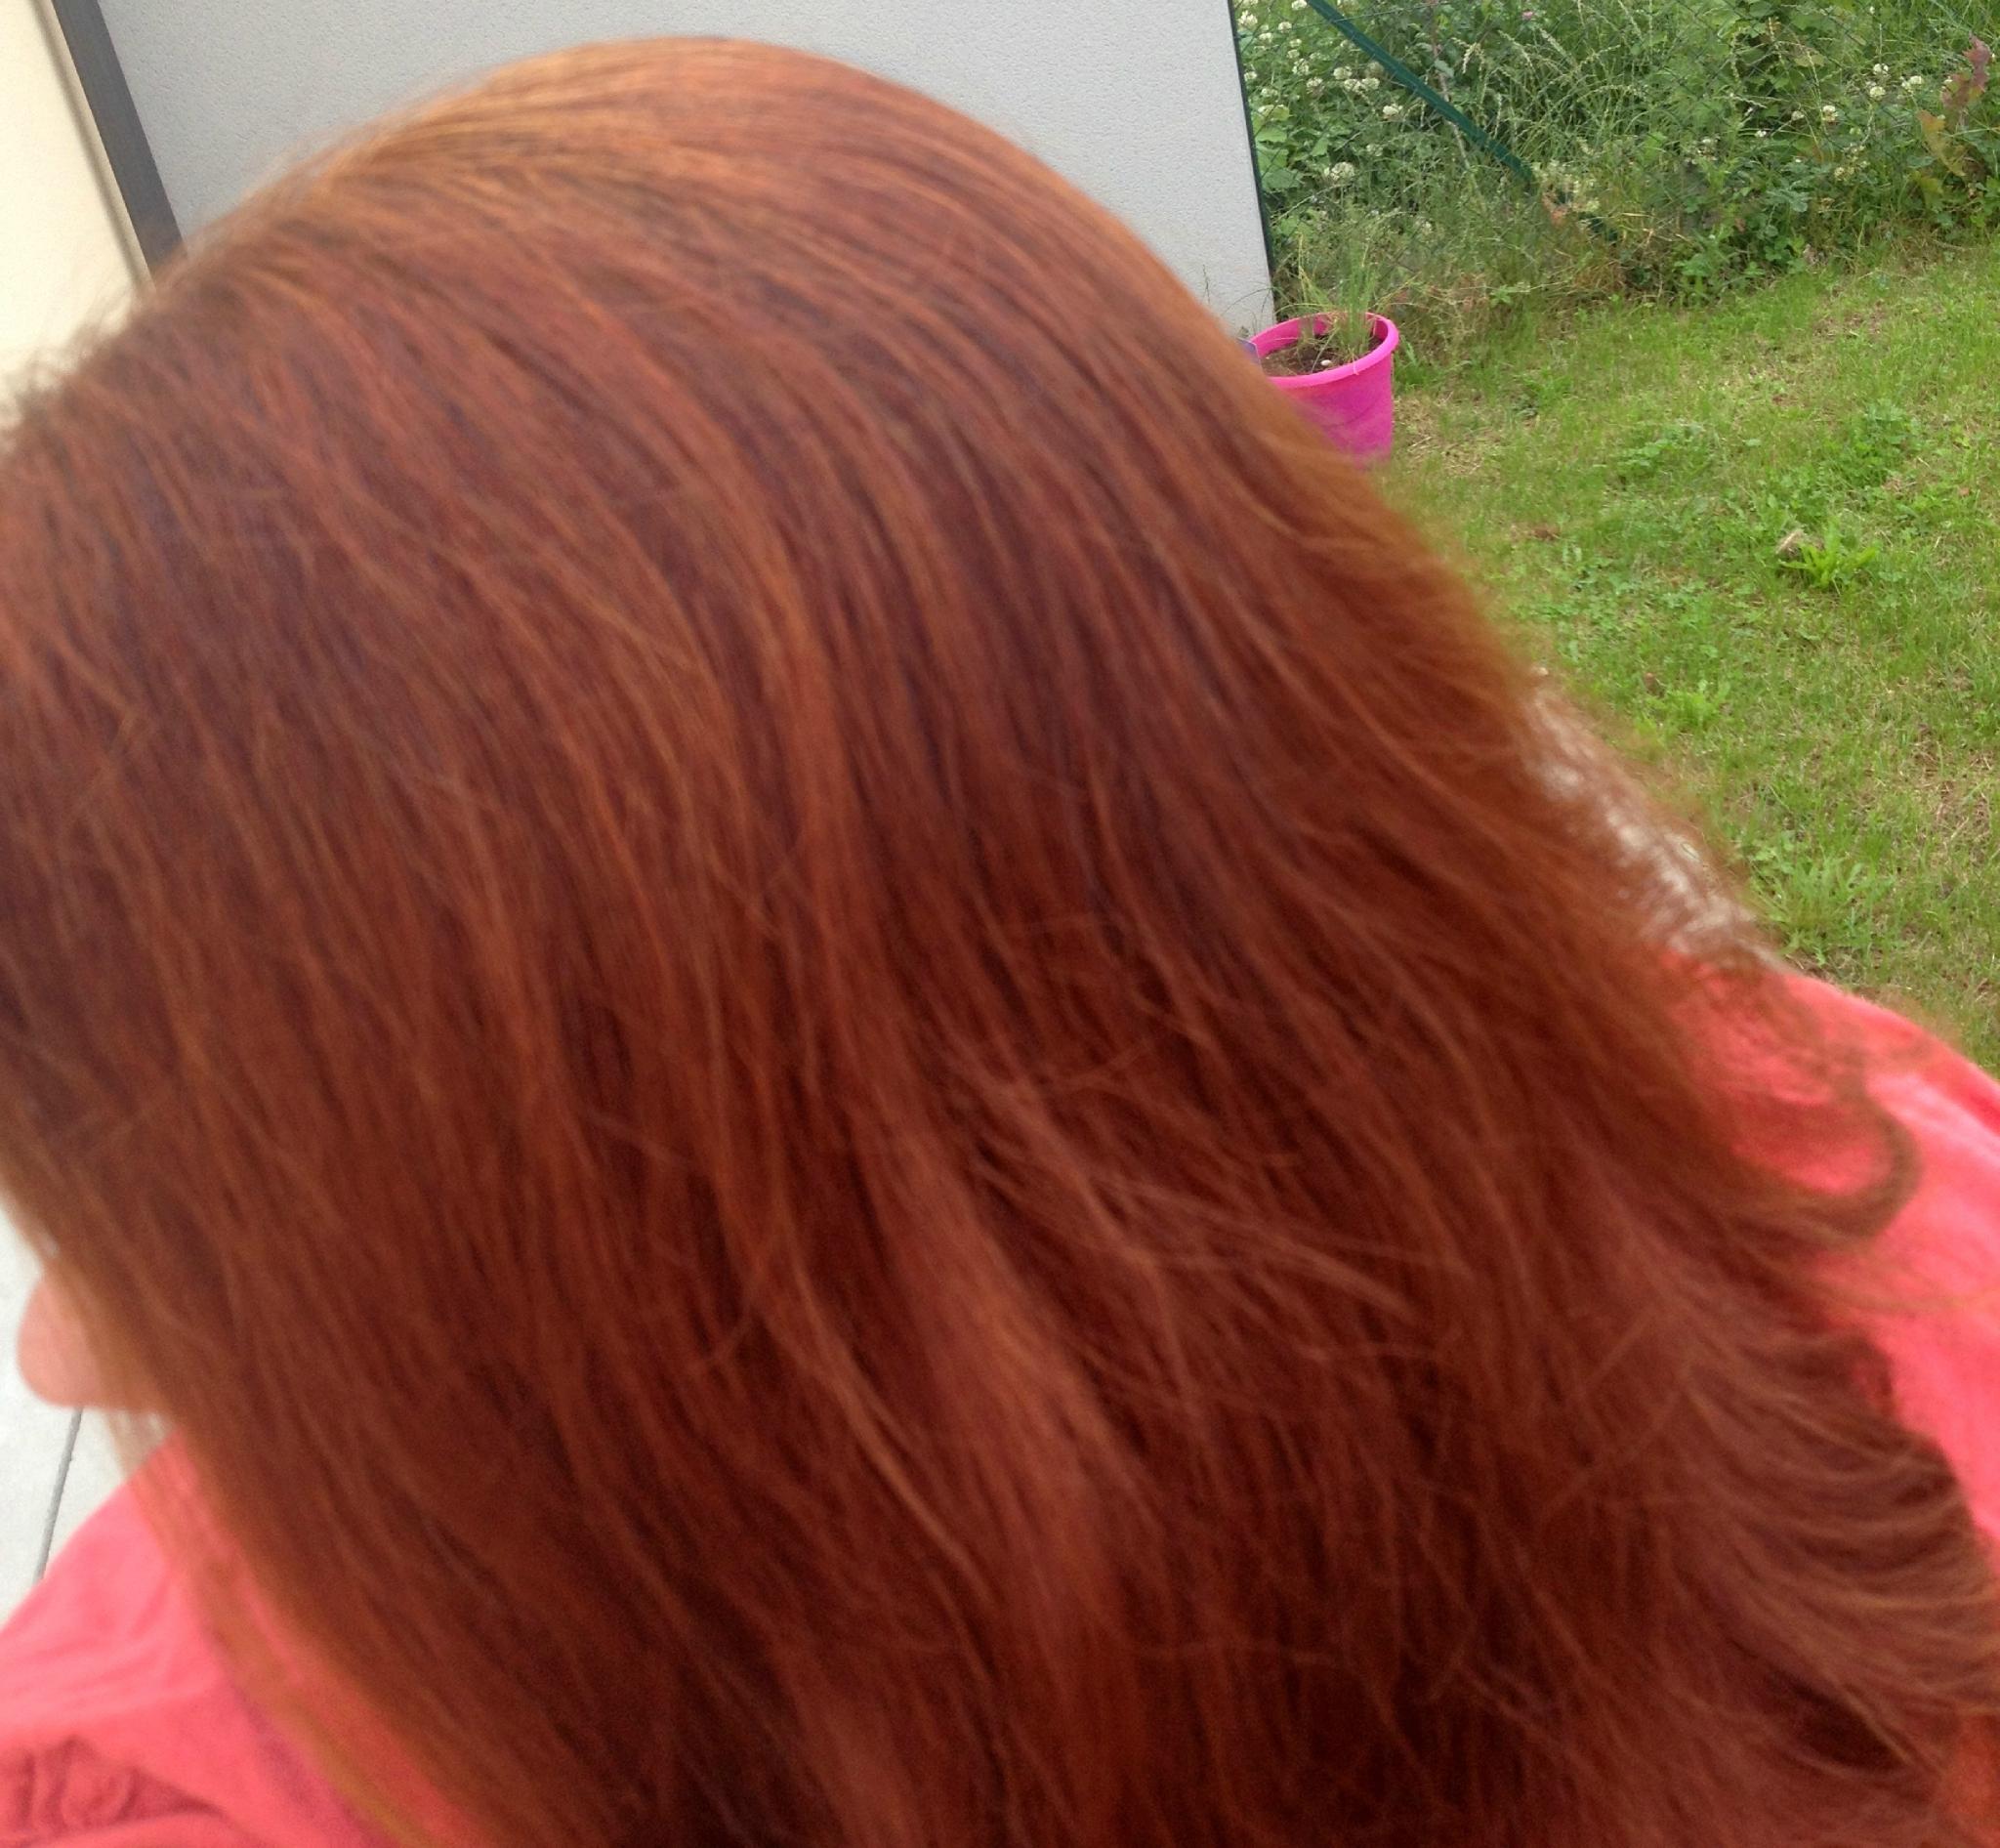 plus de cheveux blancs plus de trace de la prcdente couleur rate et la couleur est vraiment jolie oui jai fait les photos dehors la lumire - Coloration Qui Couvre Bien Les Cheveux Blancs